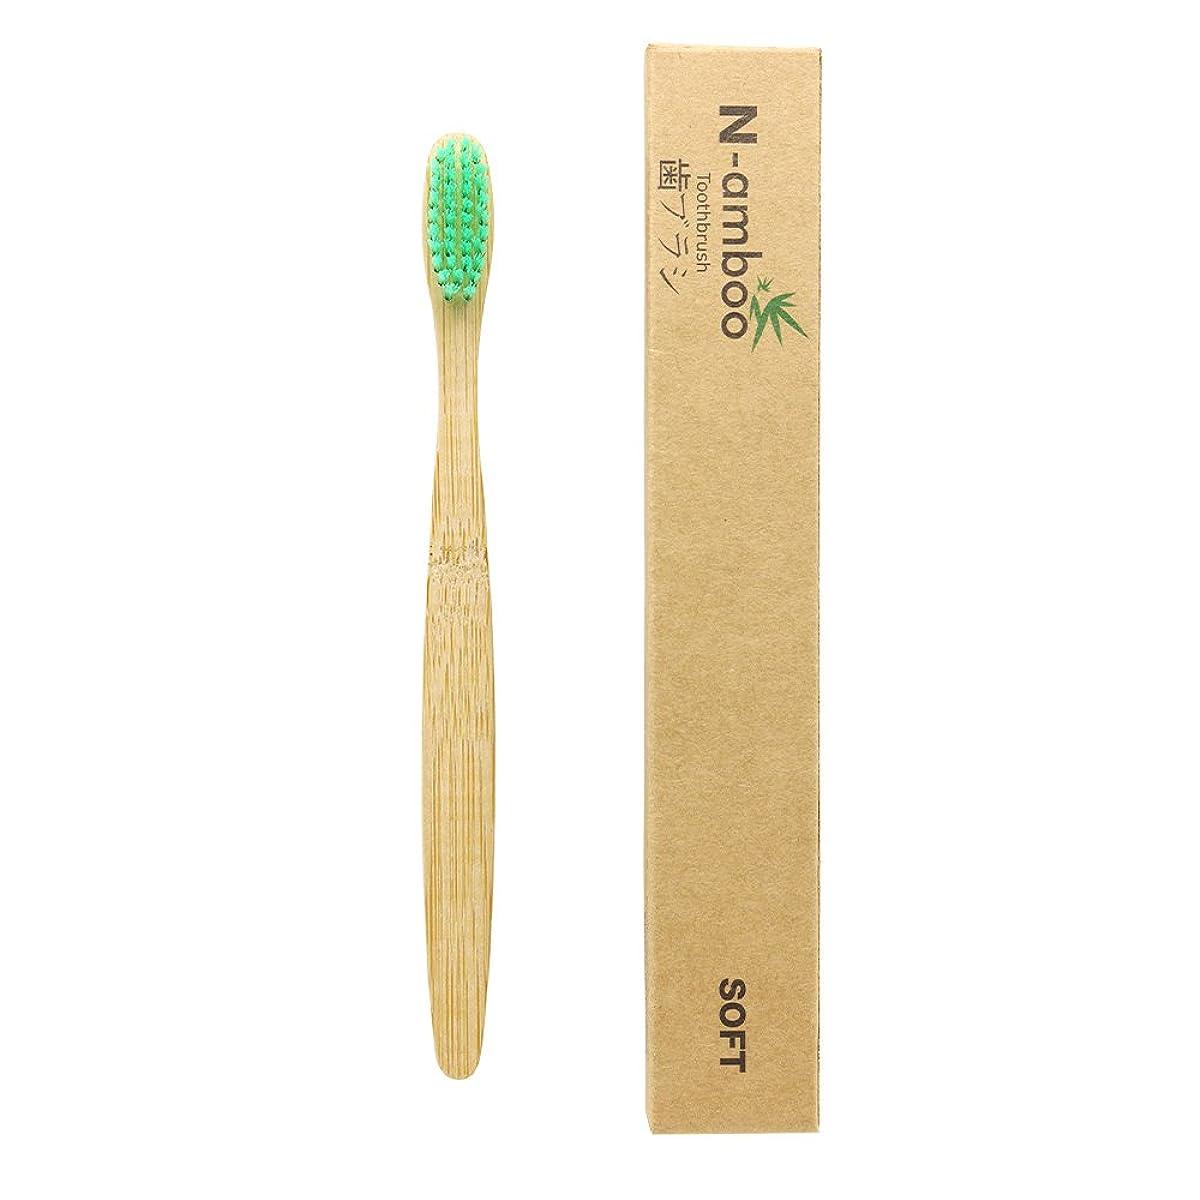 ジャケットテナント反抗N-amboo 歯ブラシ 1本入り 竹製 高耐久性 緑 エコ